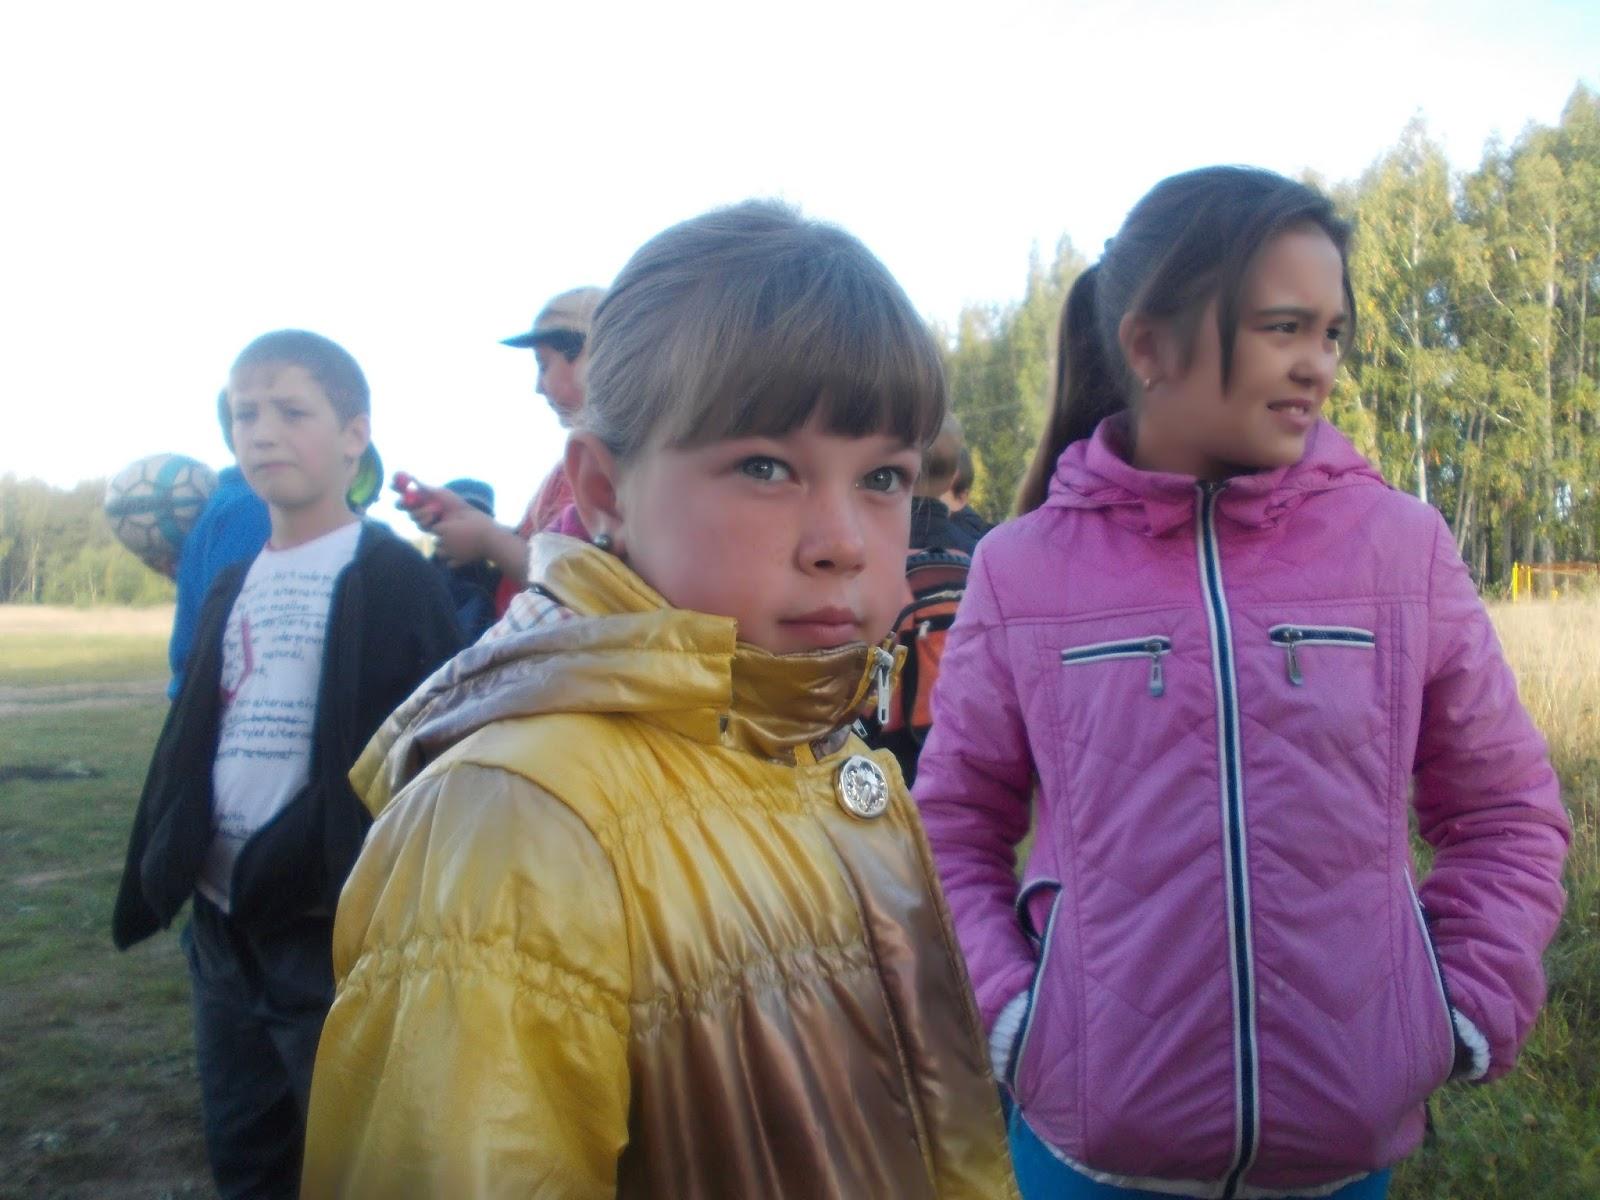 Фото раздетых девочек в лесу бесплатно 4 фотография